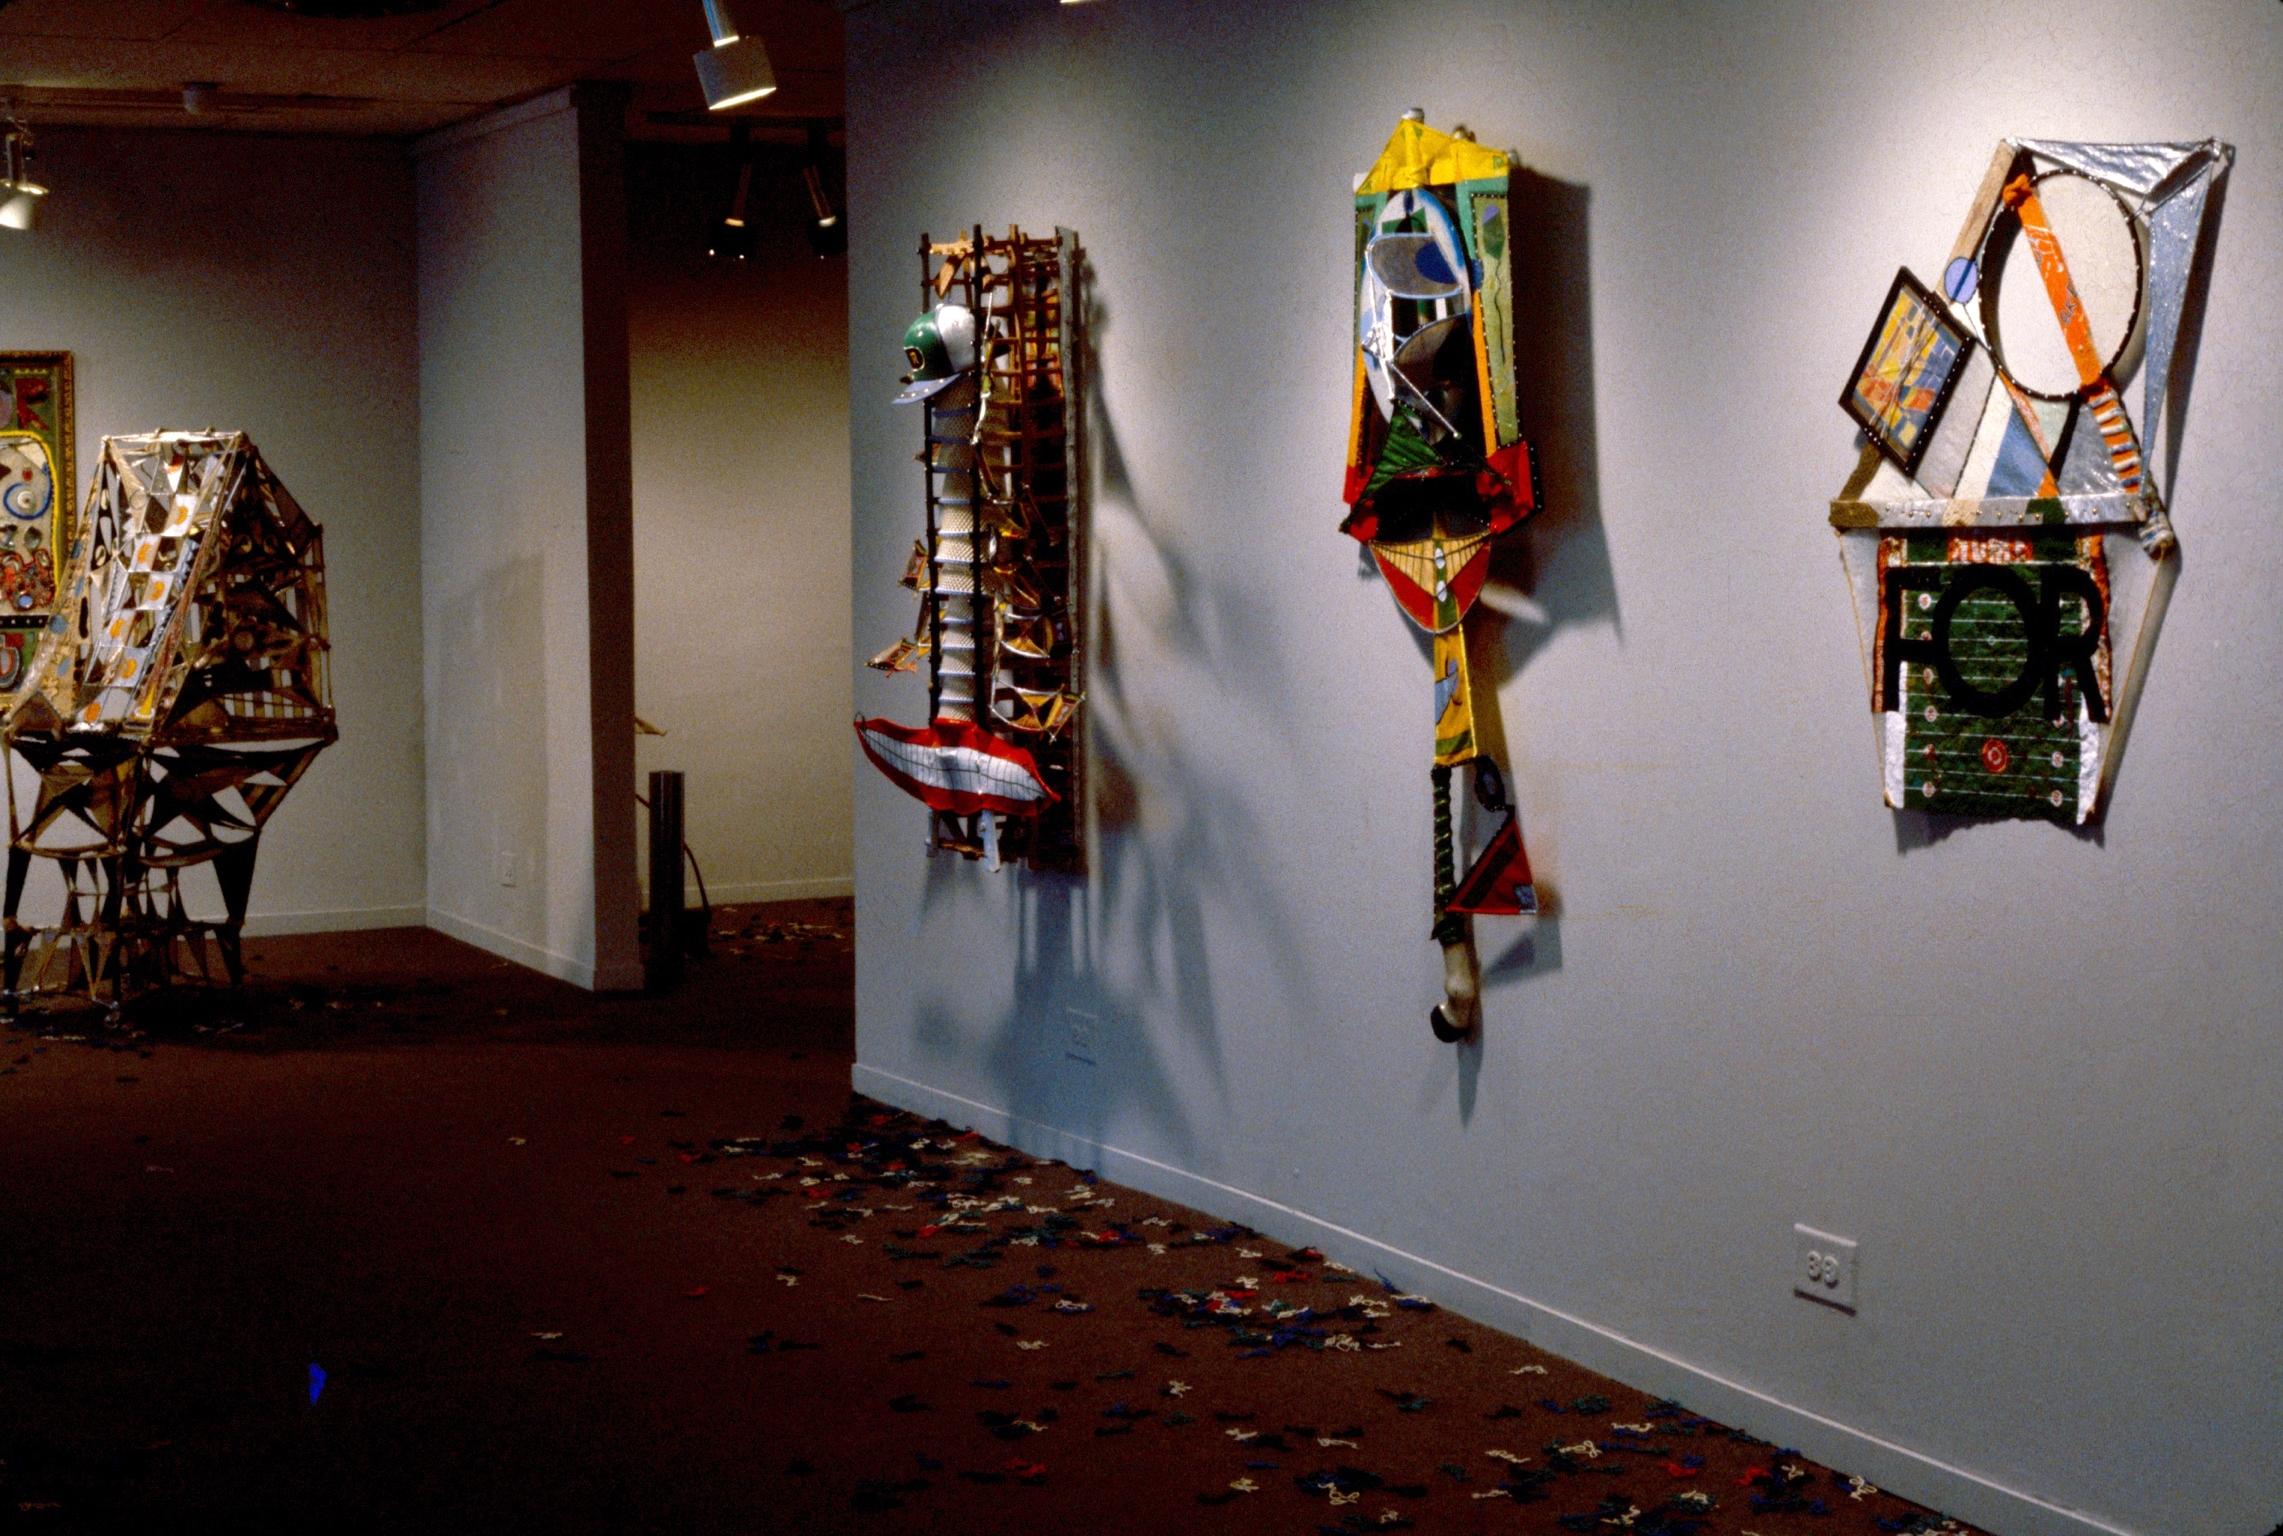 1981-p-kind-chicago-exhibit mj.jpg